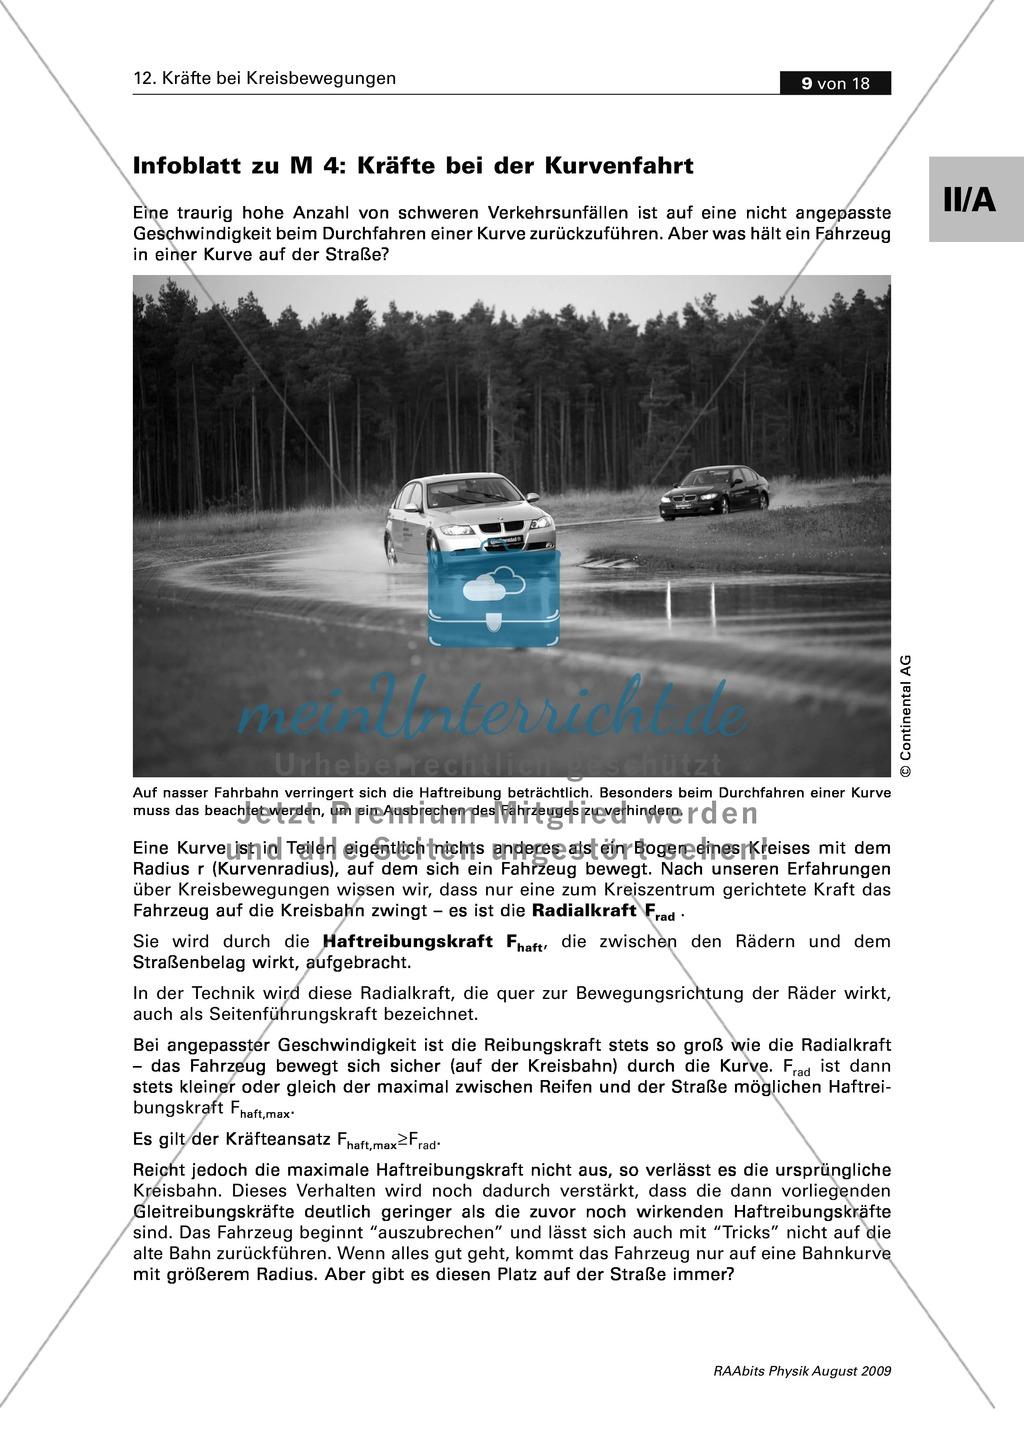 Kräfte bei Kreisbewegungen: Fahrzeuge in der Kurve - Kräfte + ...